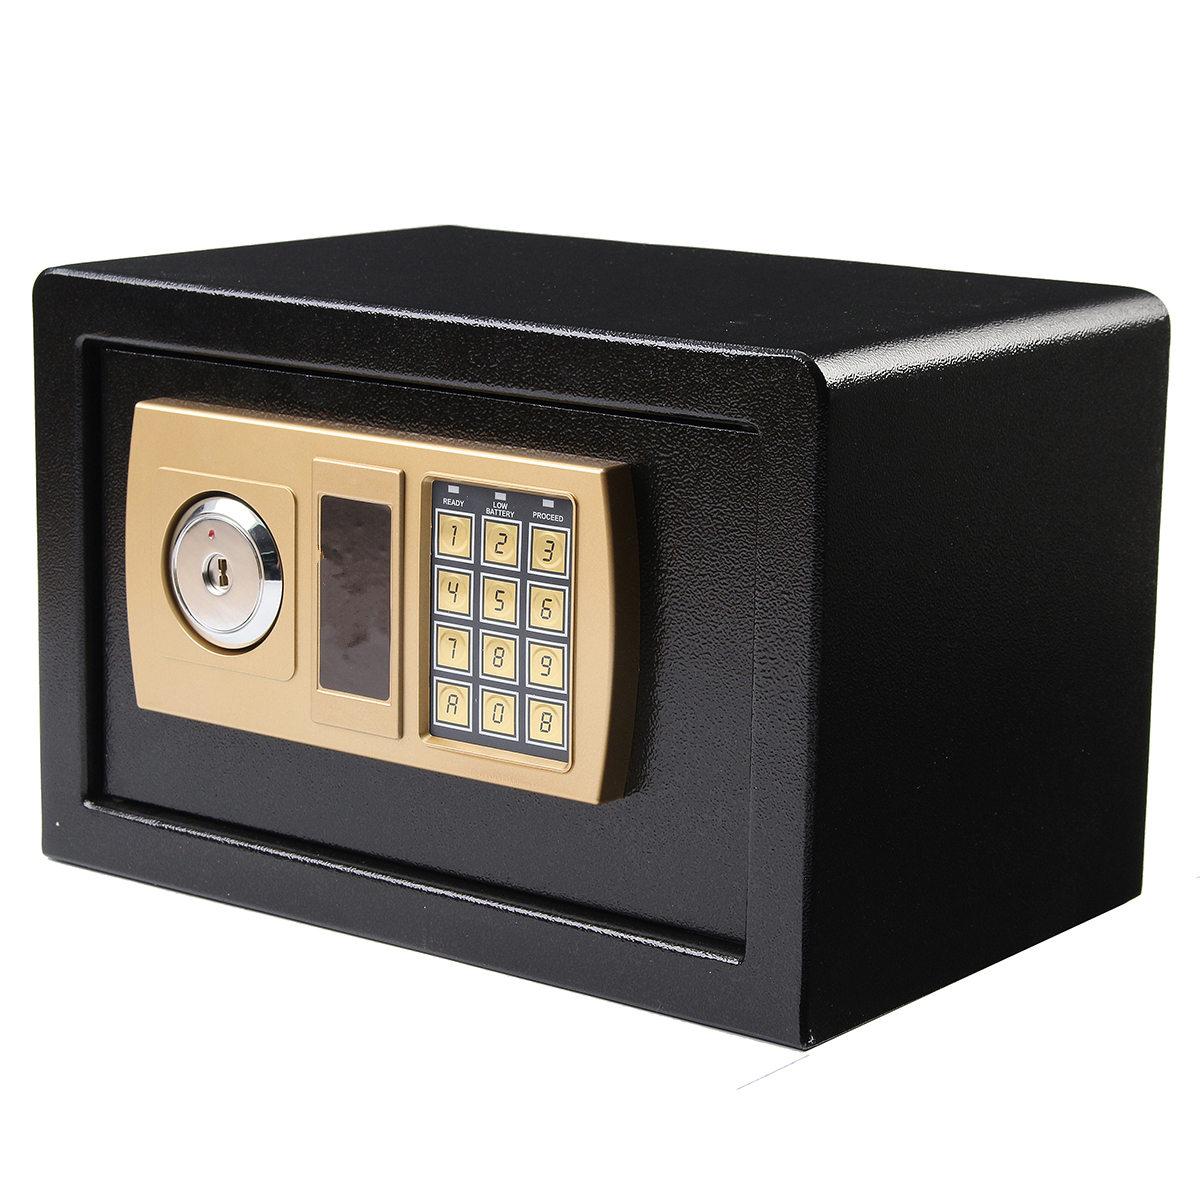 Caja de Seguridad Safurance de lujo con Depósito Digital, caja de seguridad en forma de gota para joyas, cerradura para Hotel, teclado negro, caja de seguridad 2018 nueva